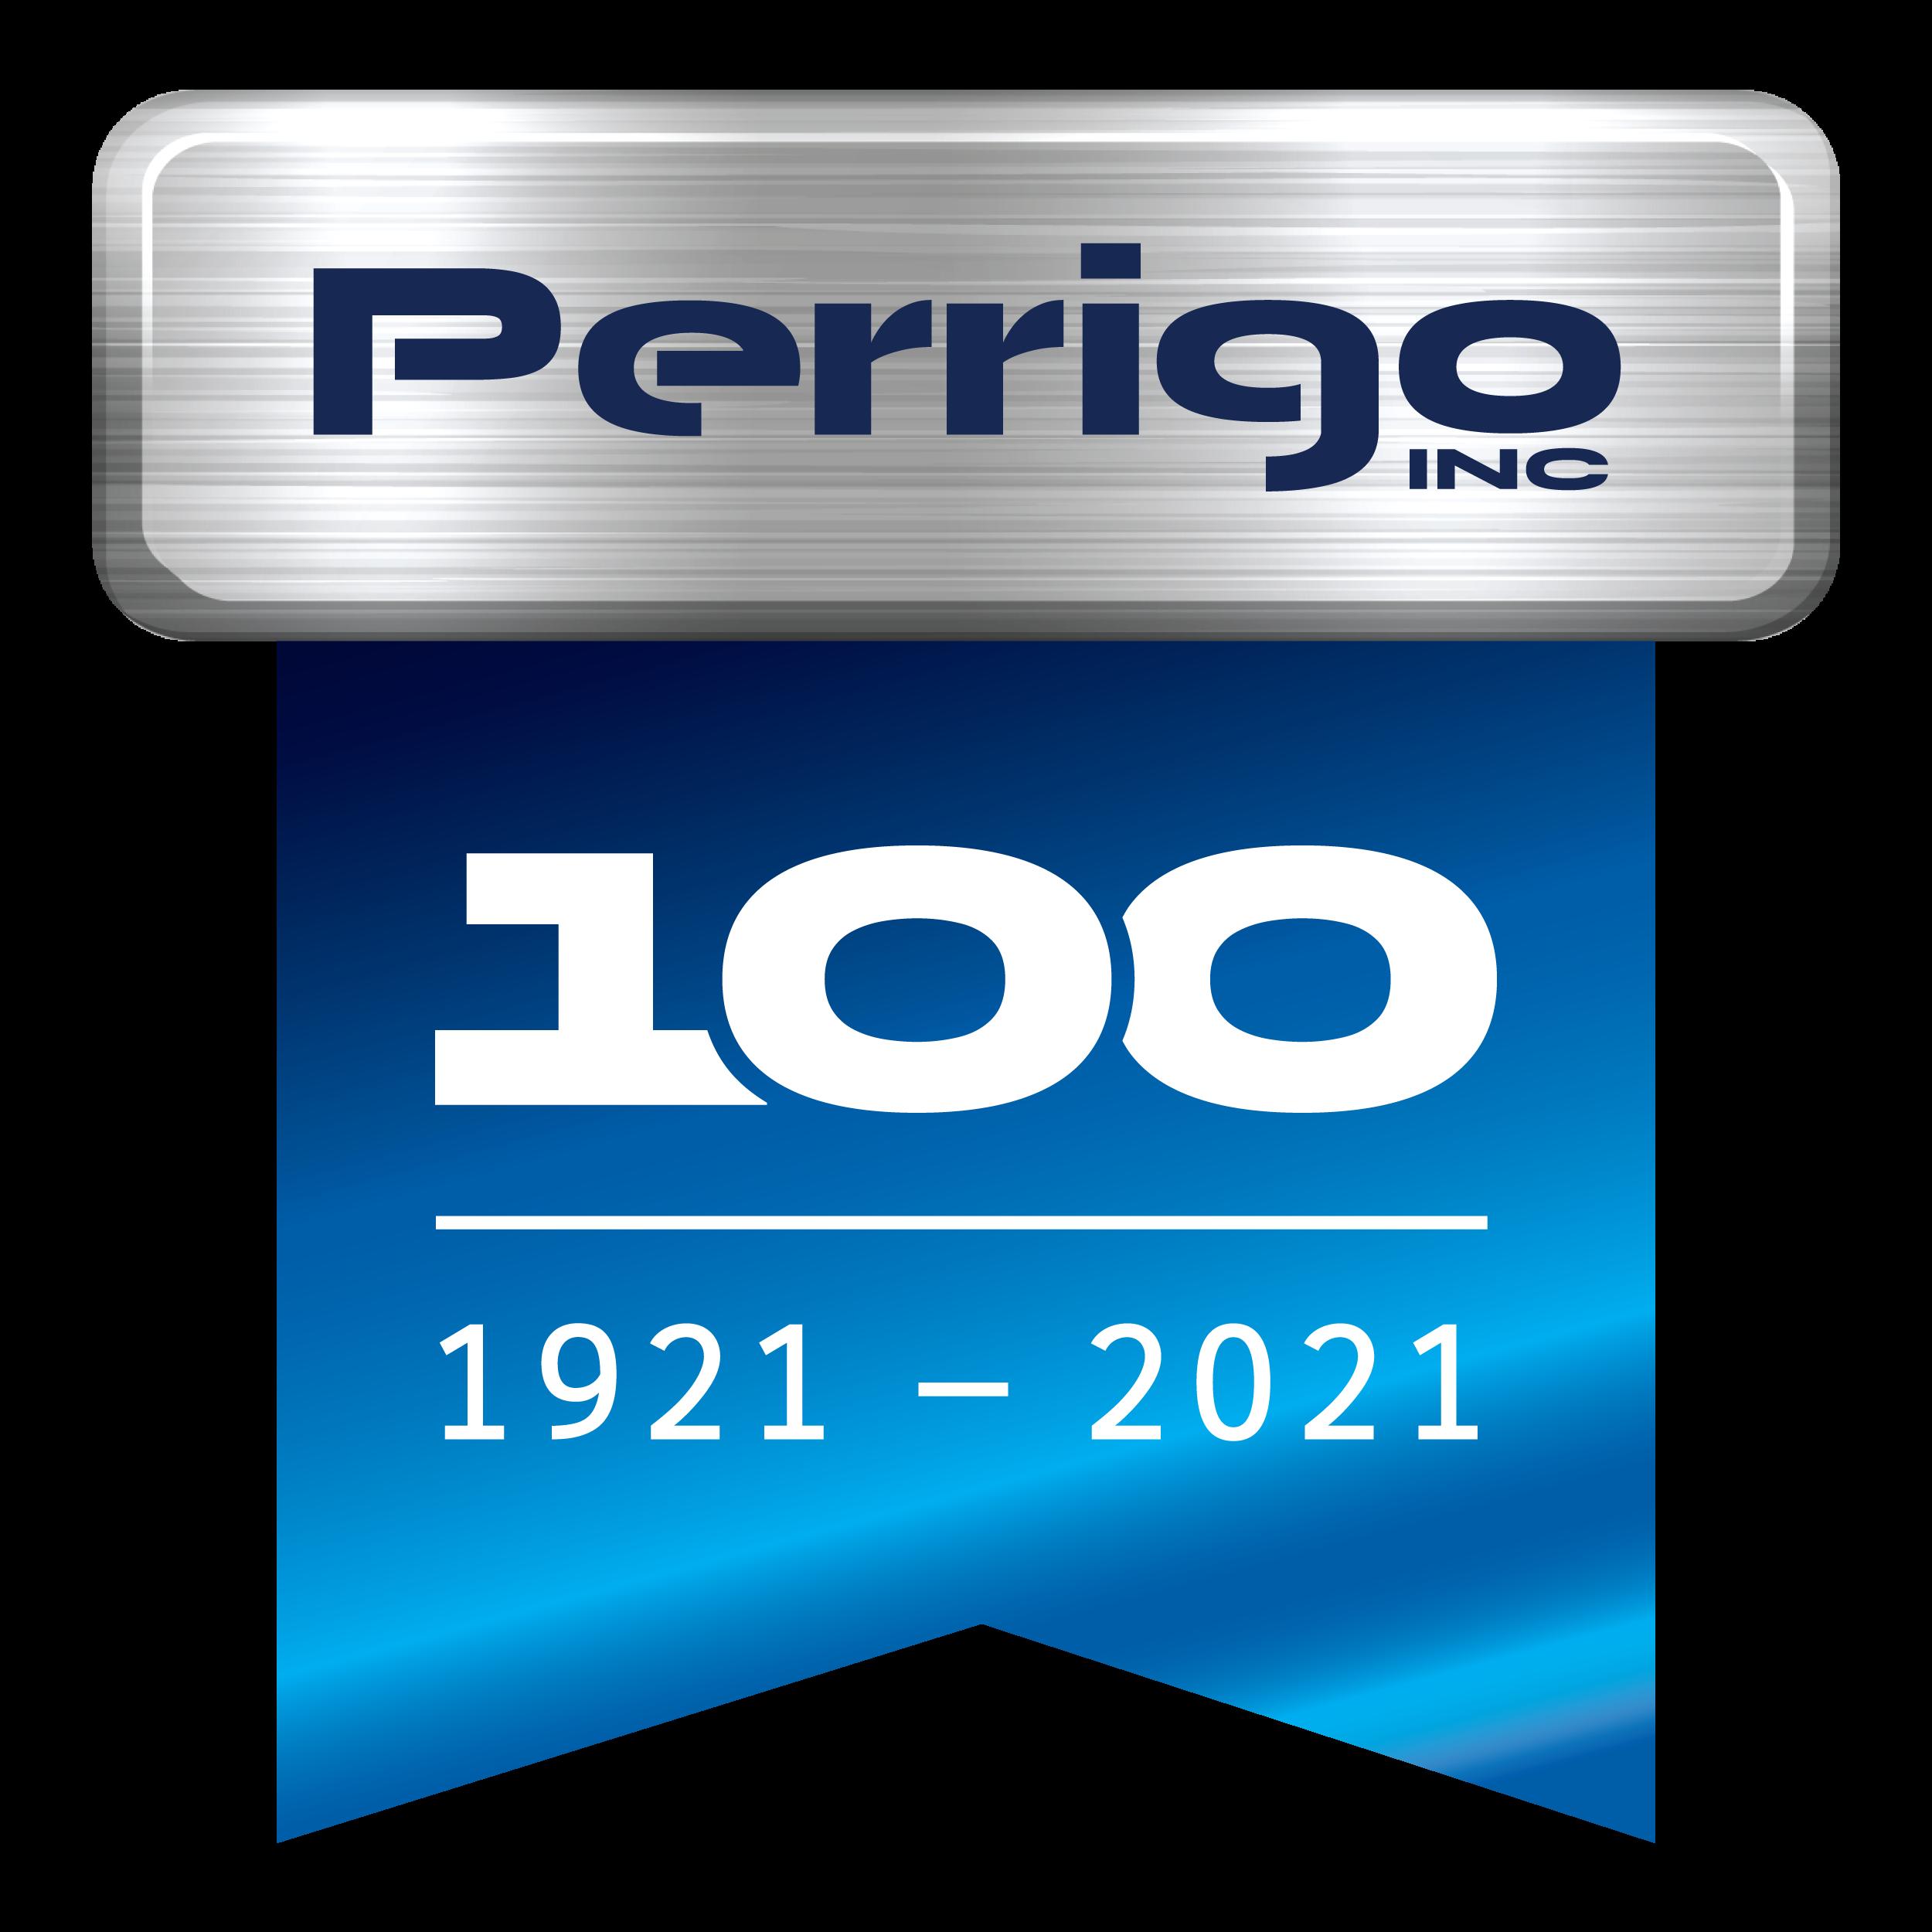 Perrigo, Inc.